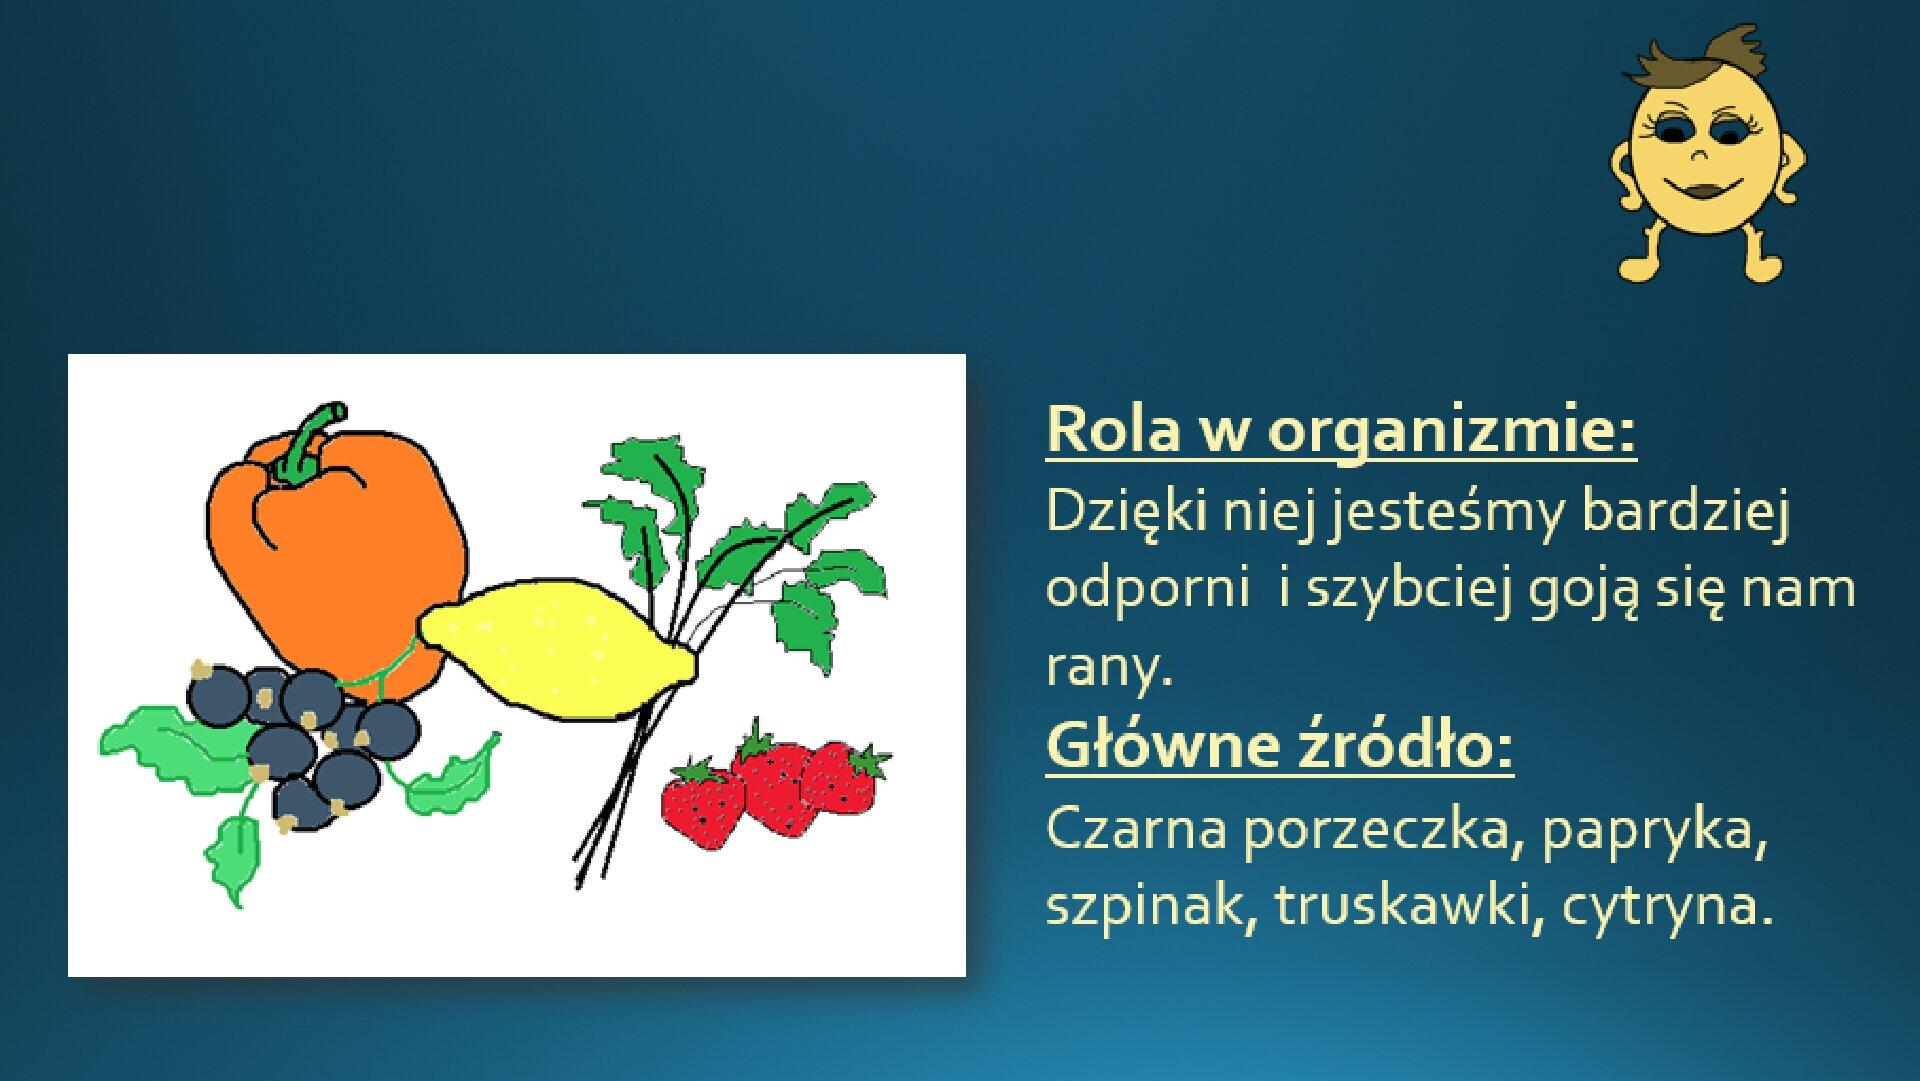 Zrzut slajdu zdołączonym tekstem